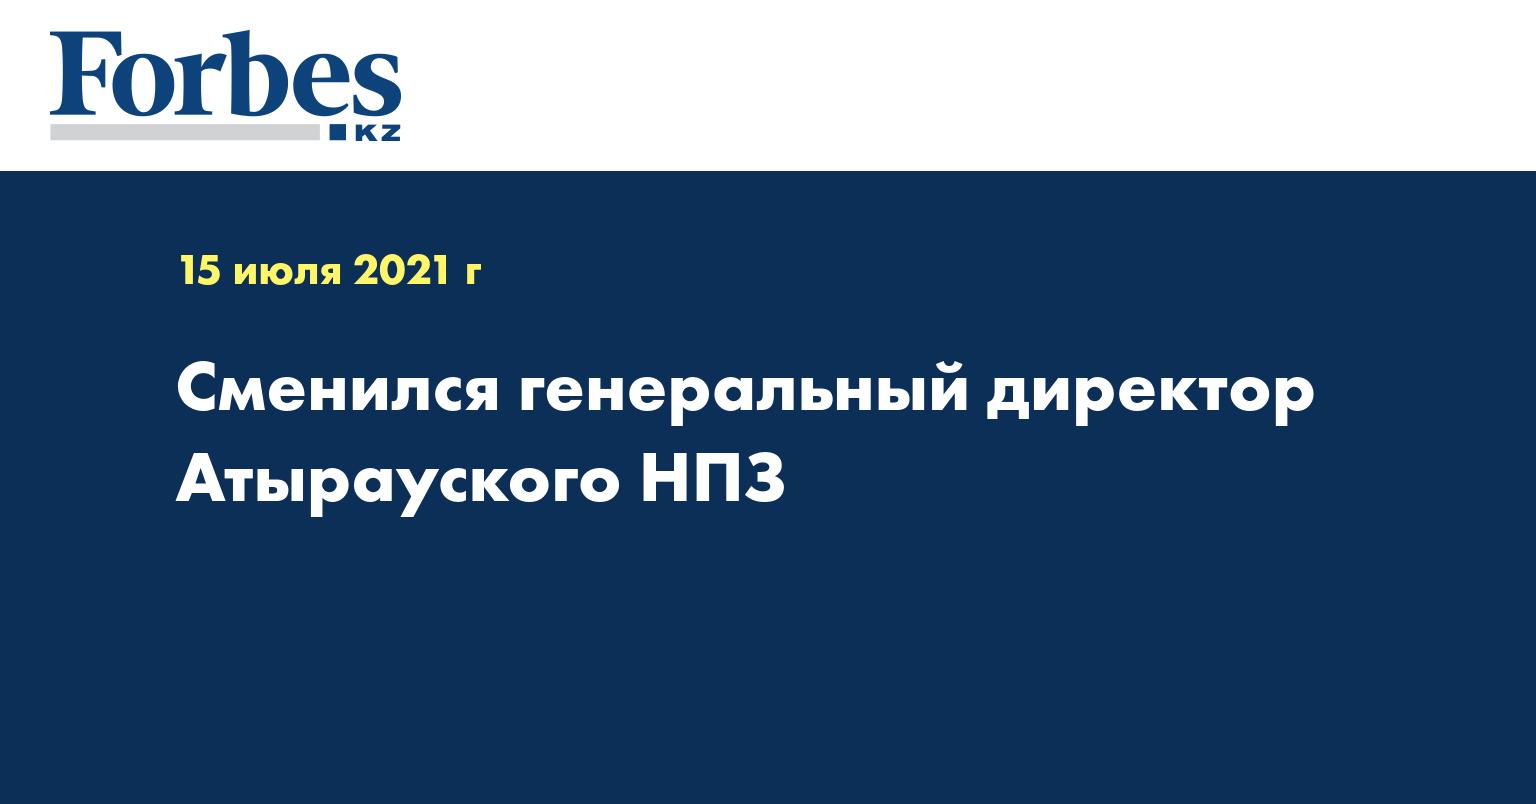 Сменился генеральный директор Атырауского НПЗ